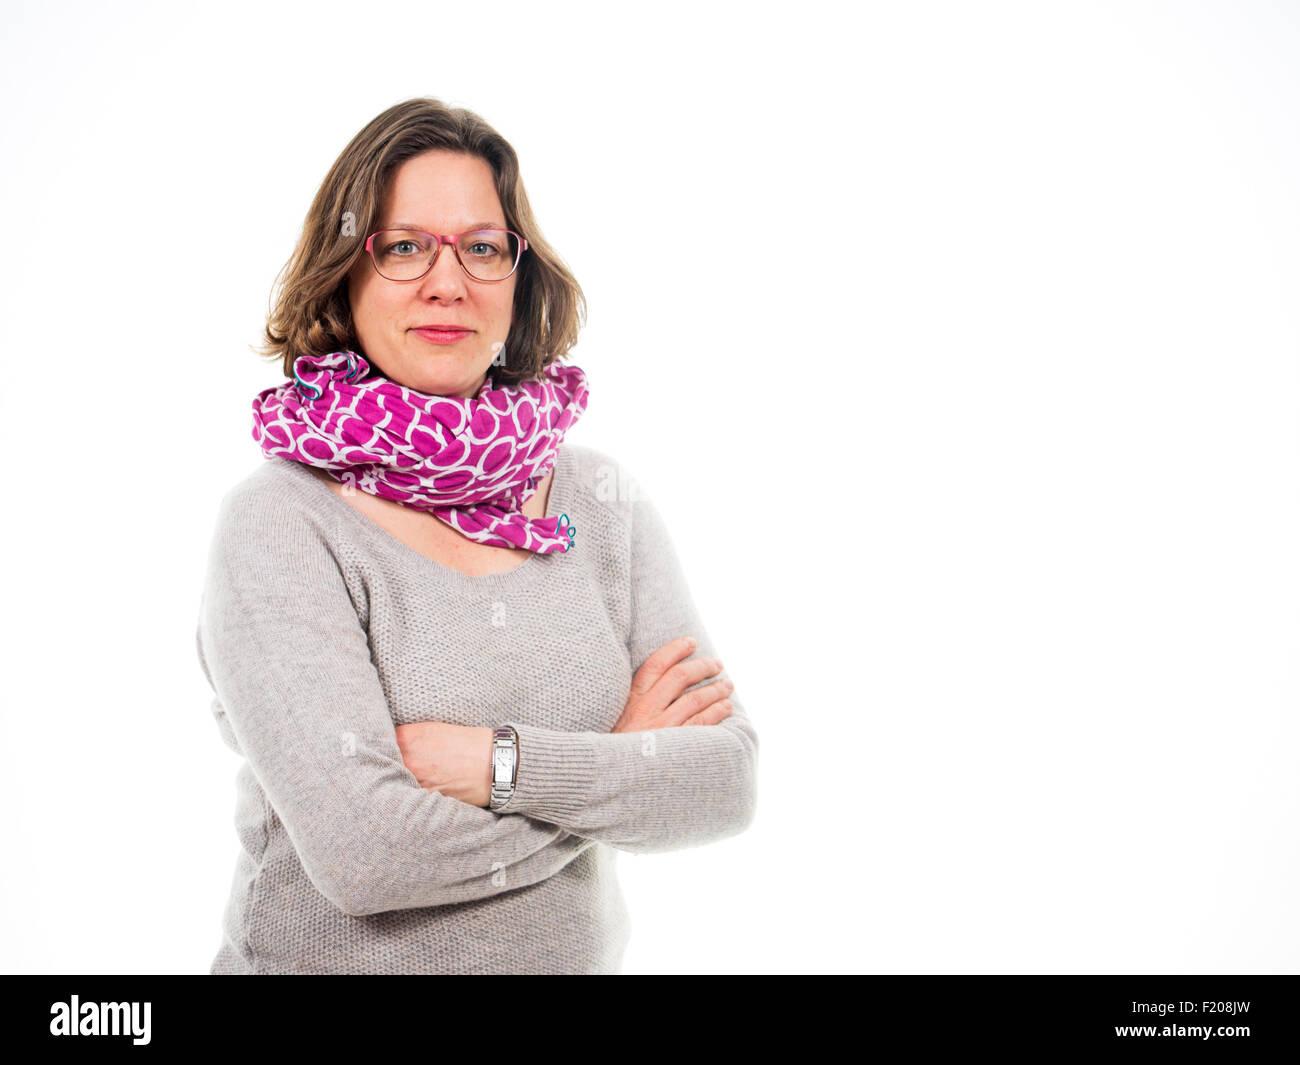 Frau mit verschränkten Armen - Stock Image